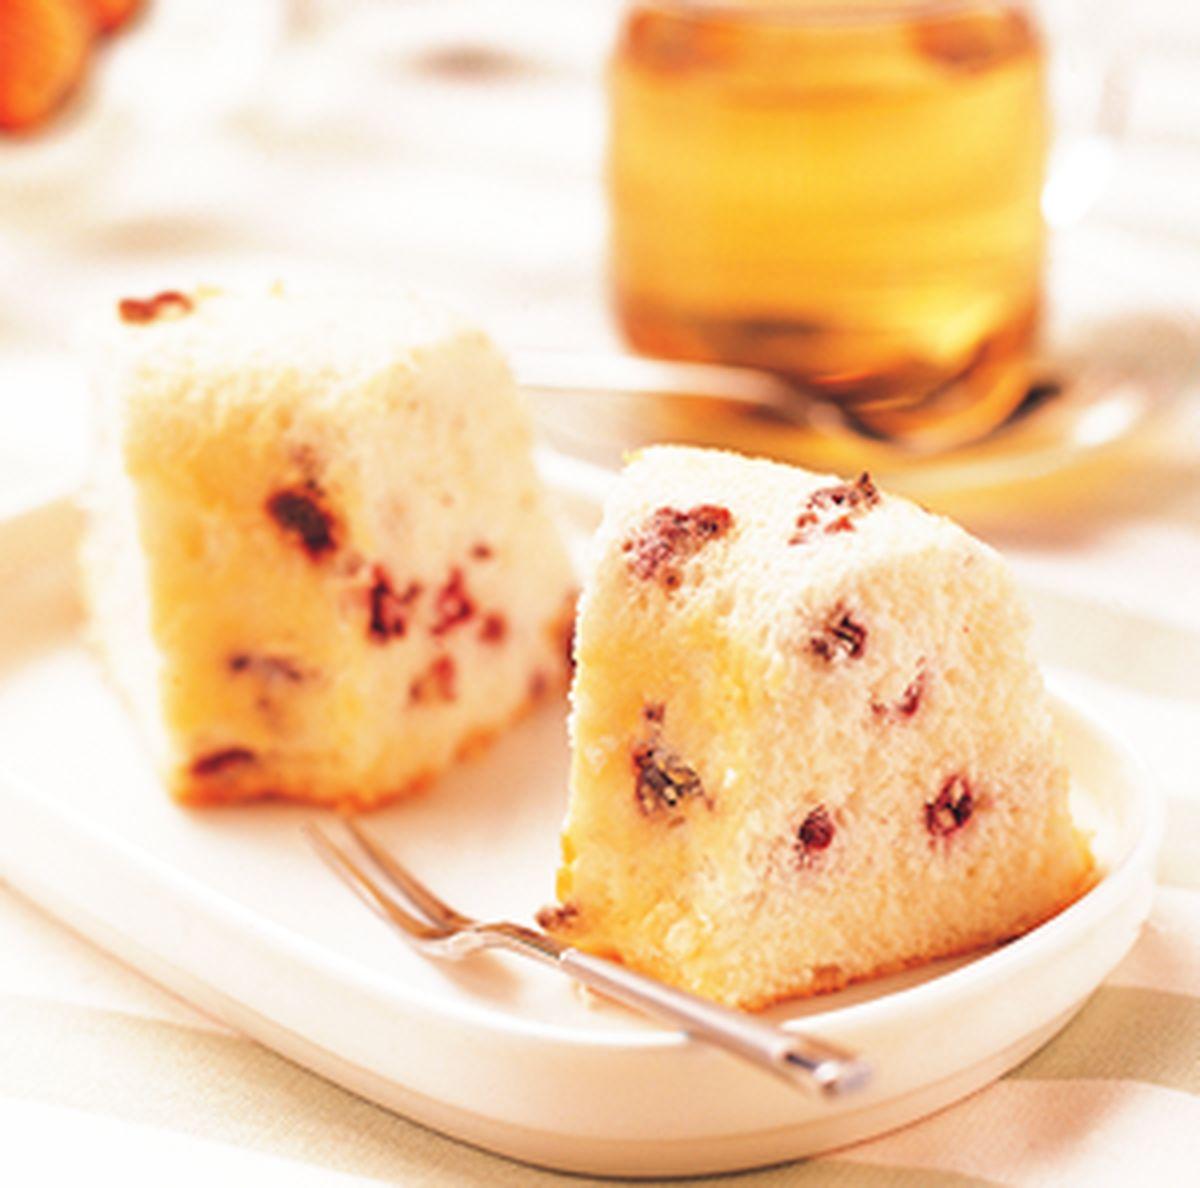 食譜:香橙果茶蛋糕